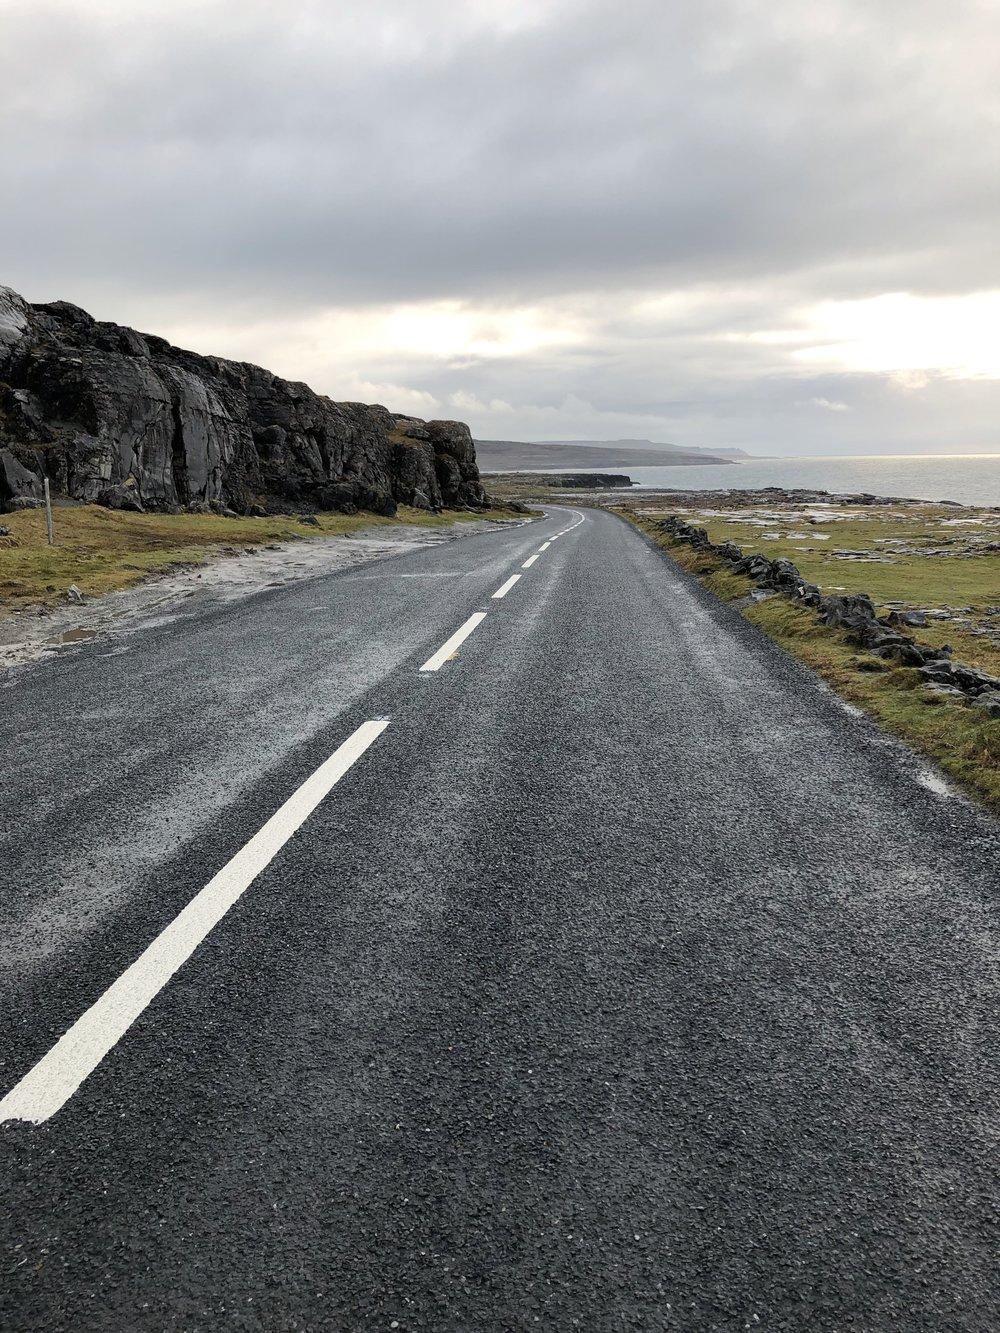 The road along the coast was magic